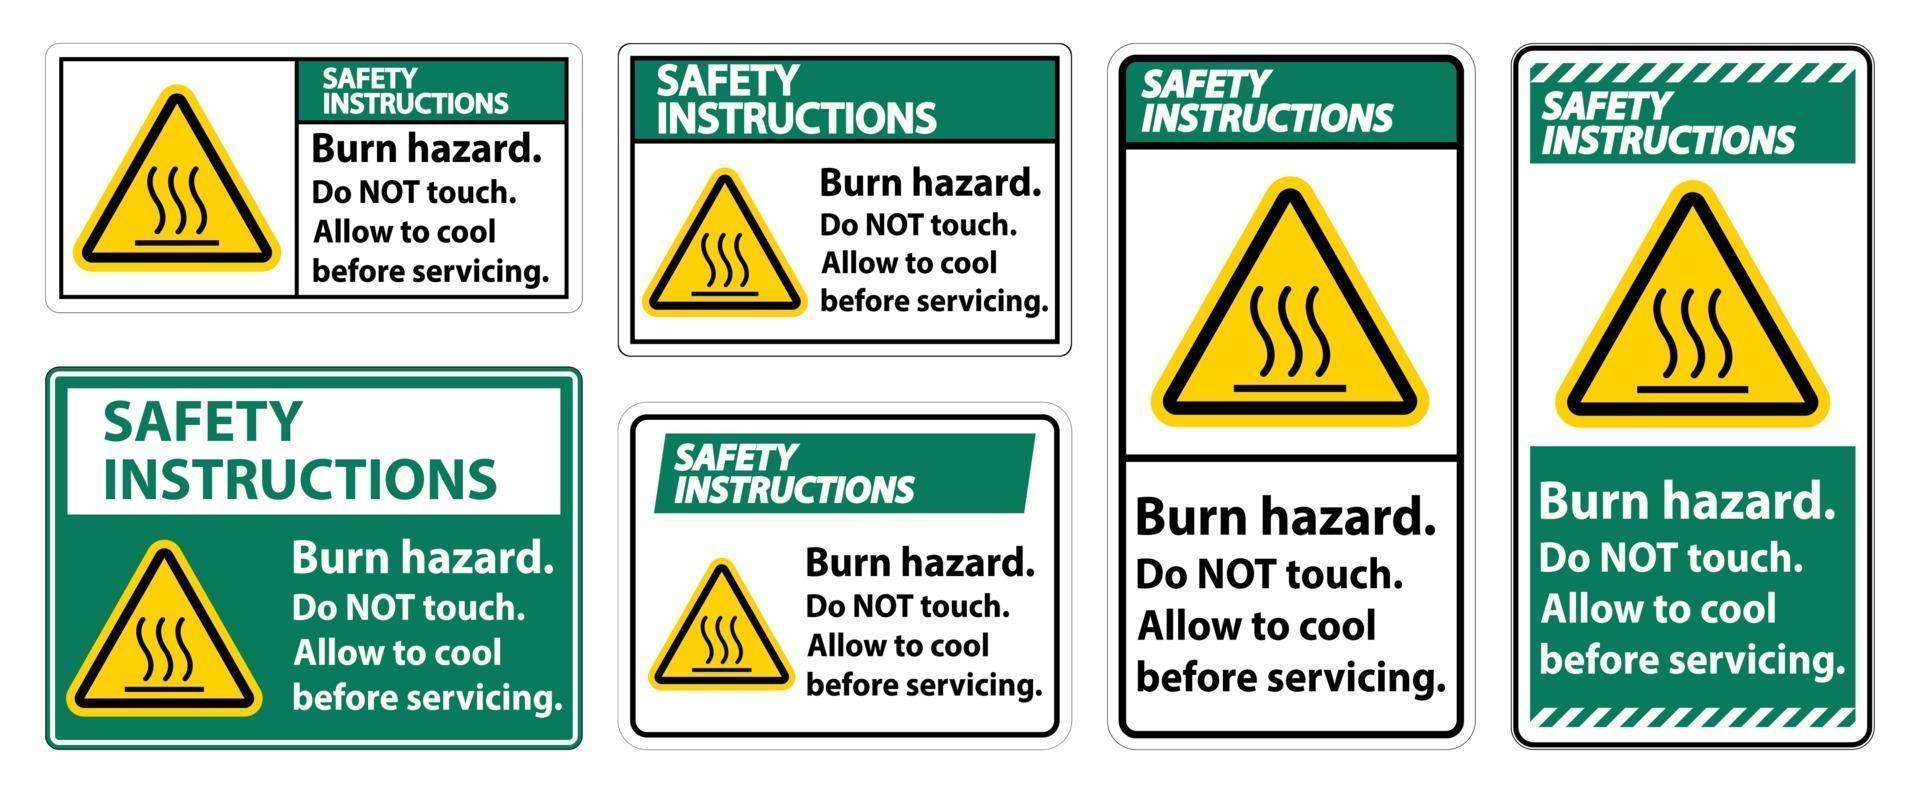 istruzioni di sicurezza bruciare set di segnali di sicurezza pericolo vettore